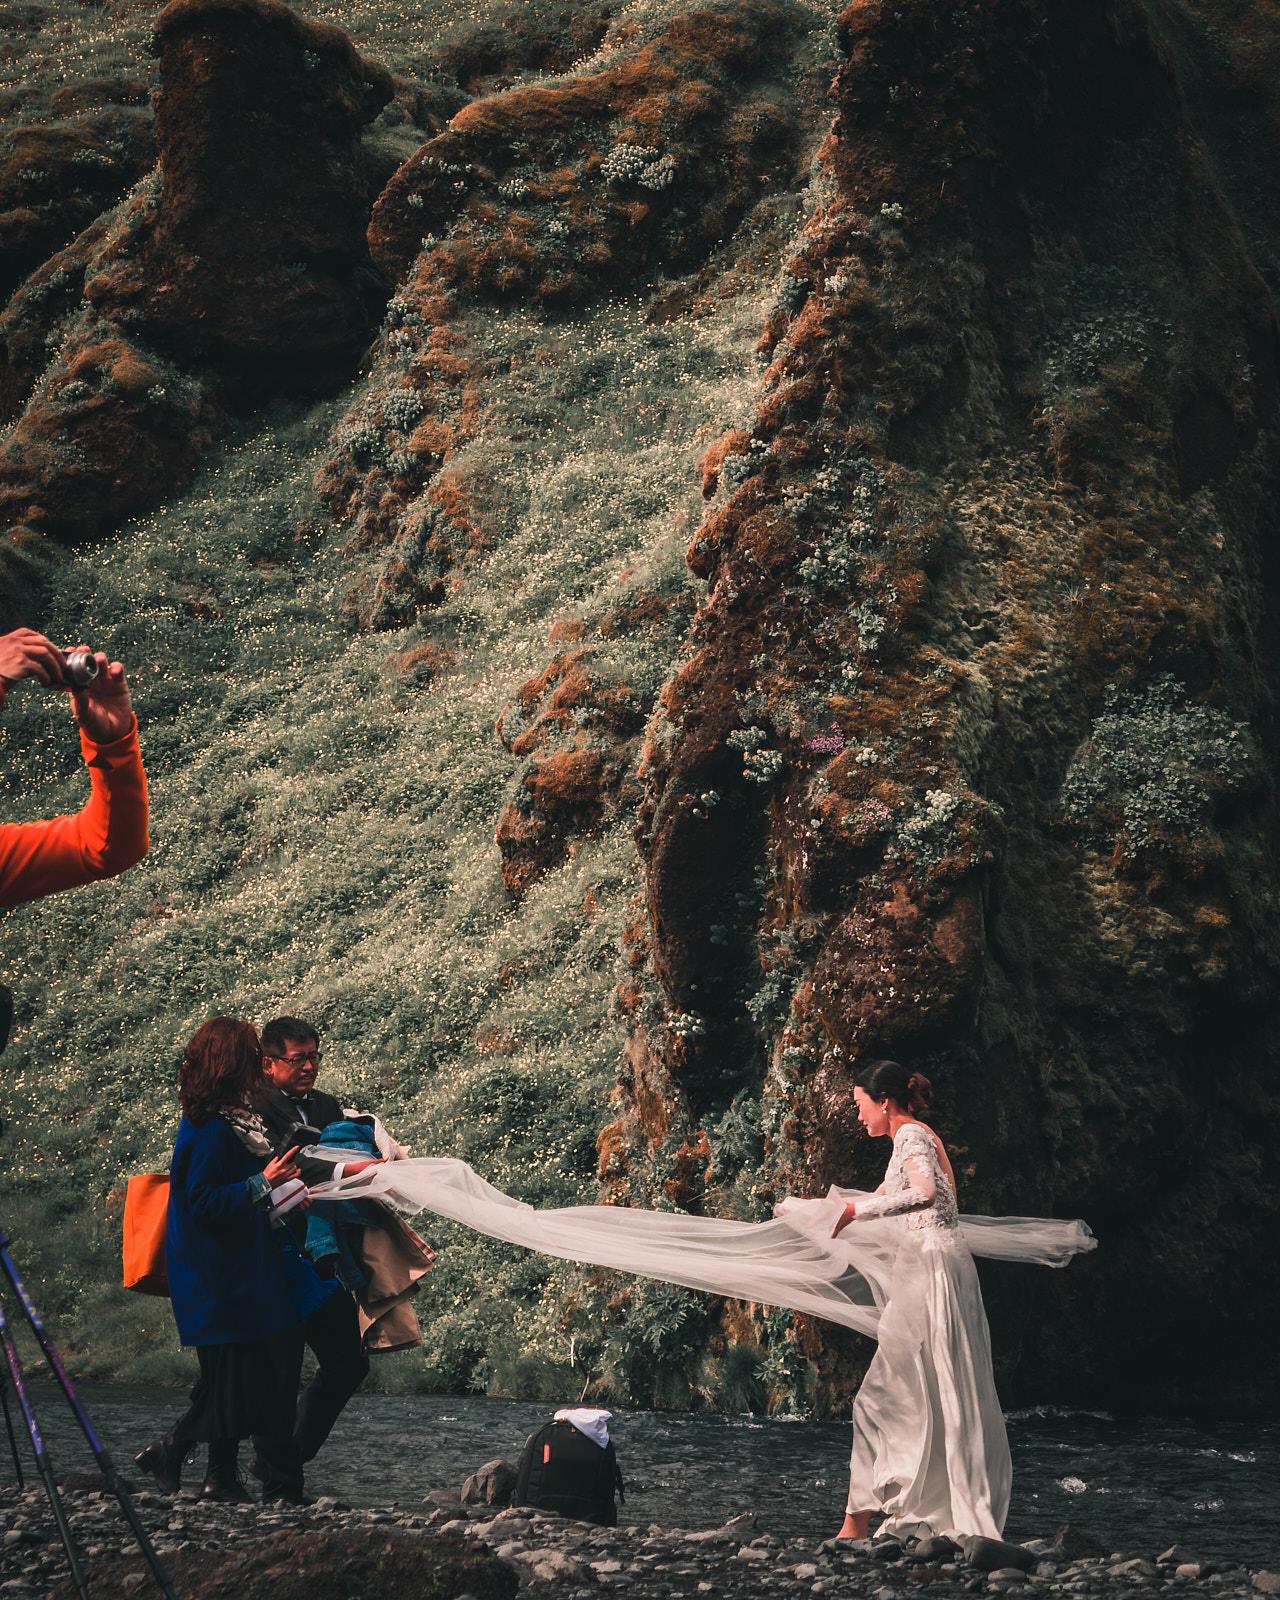 destinatination wedding photographer bedfordshire (1).jpg